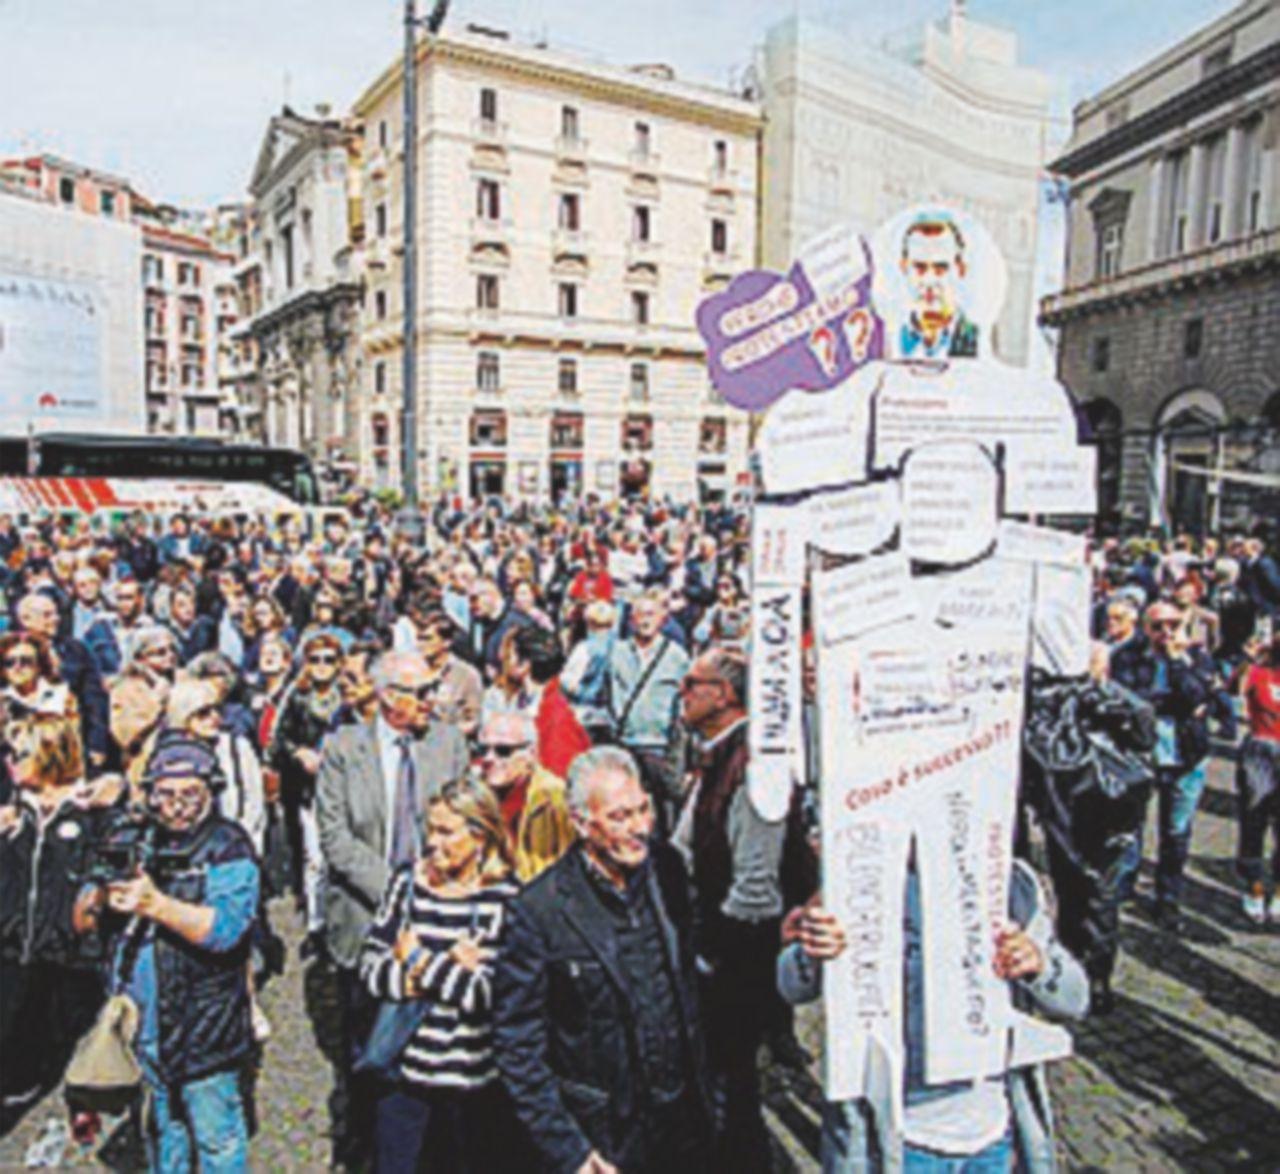 """Folla per De Magistris: """"È usura di Stato"""". Pd al contro-corteo ma fugge, c'è CasaPound"""